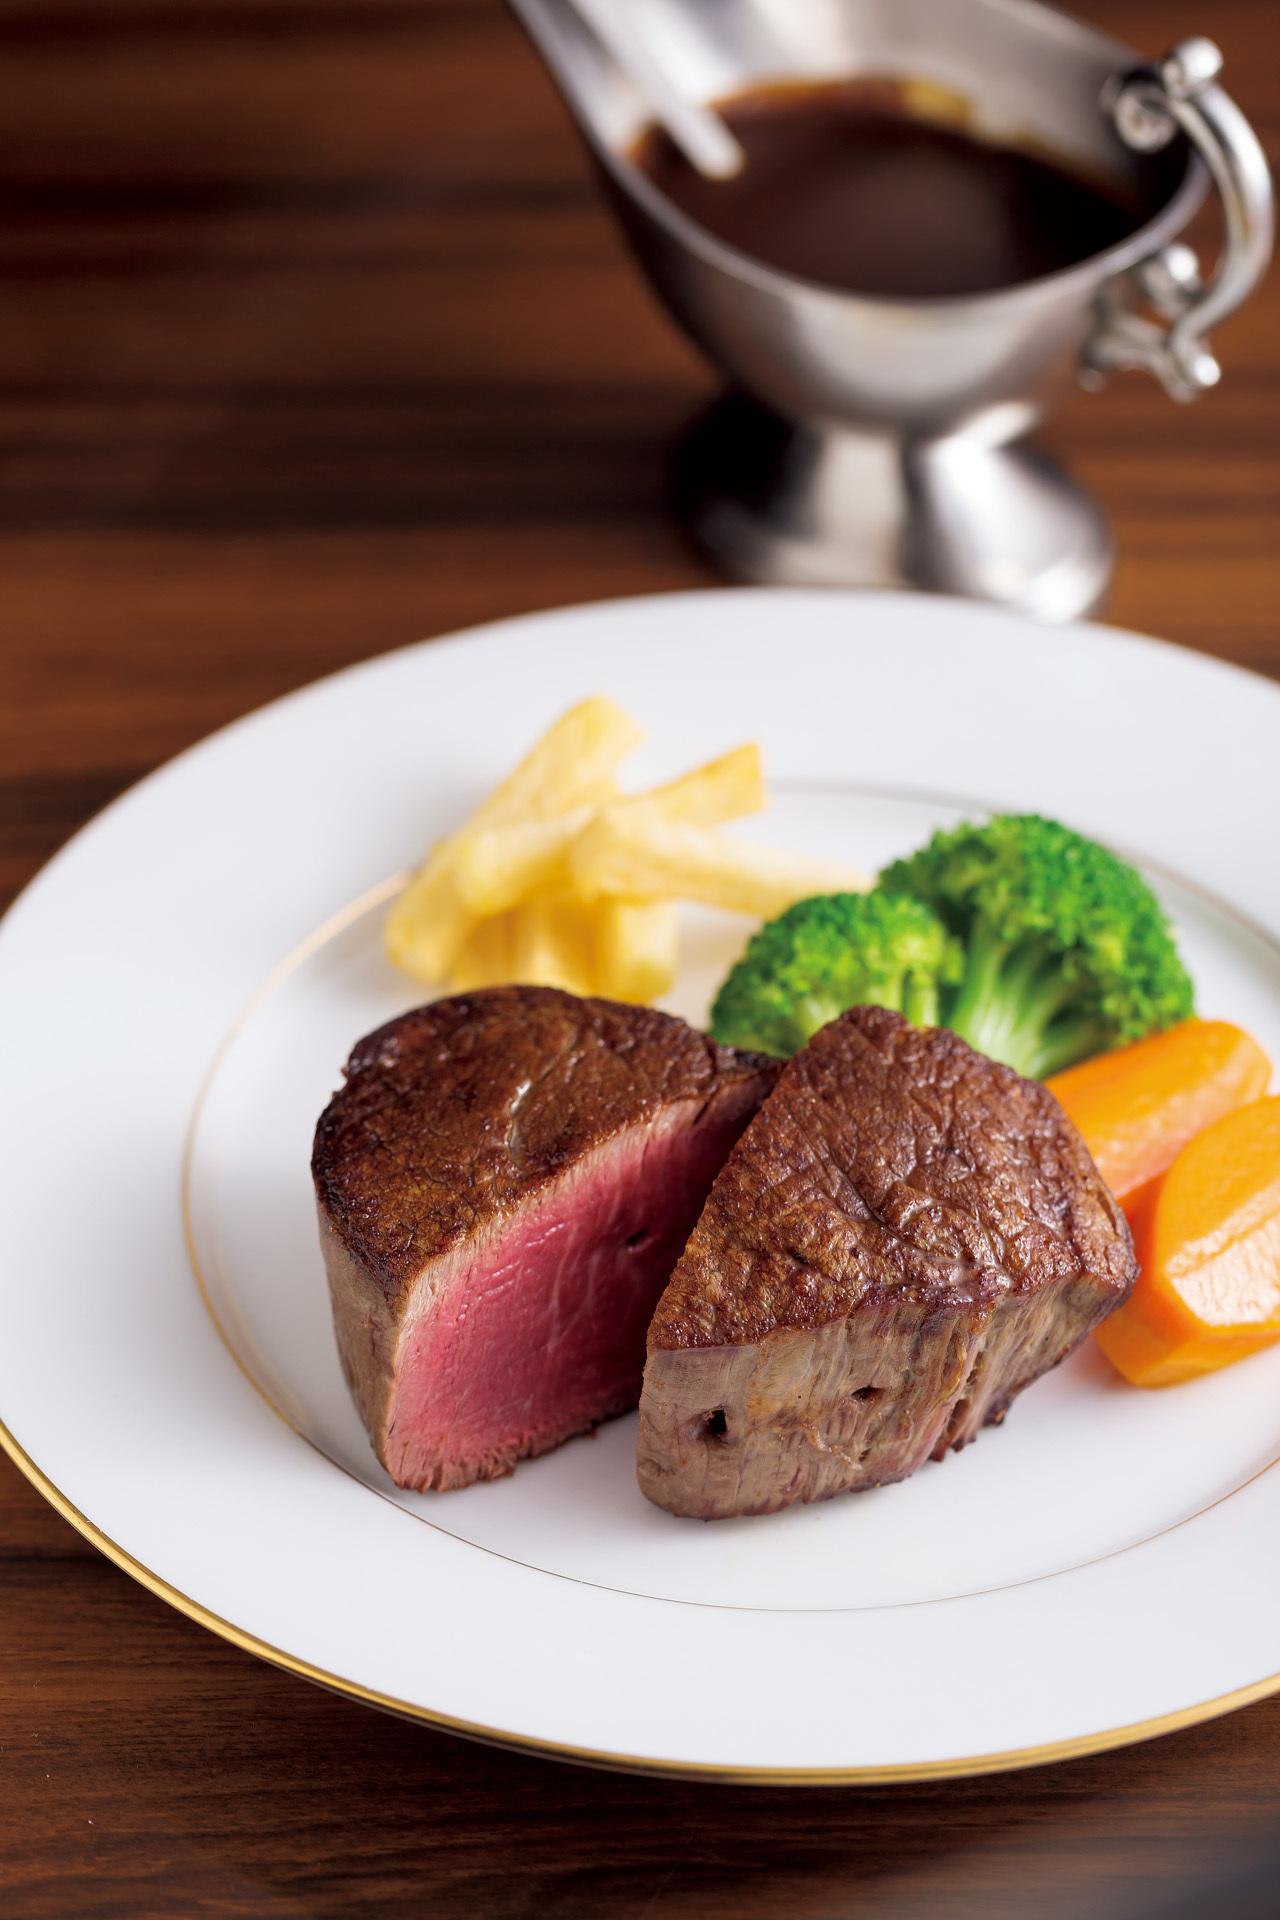 この肉を食べるために旅する! 美味肉に巡り合える全国の名店 五選_1_1